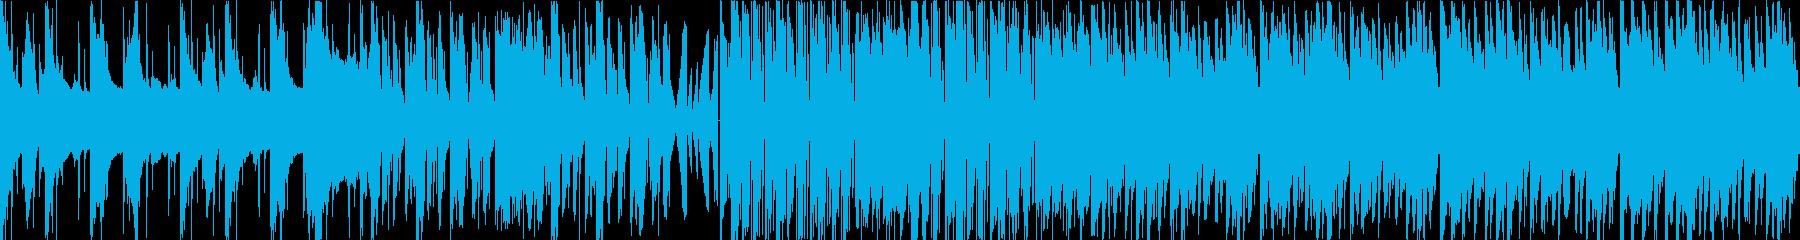 ダーク テクノ エレクトロ ループの再生済みの波形